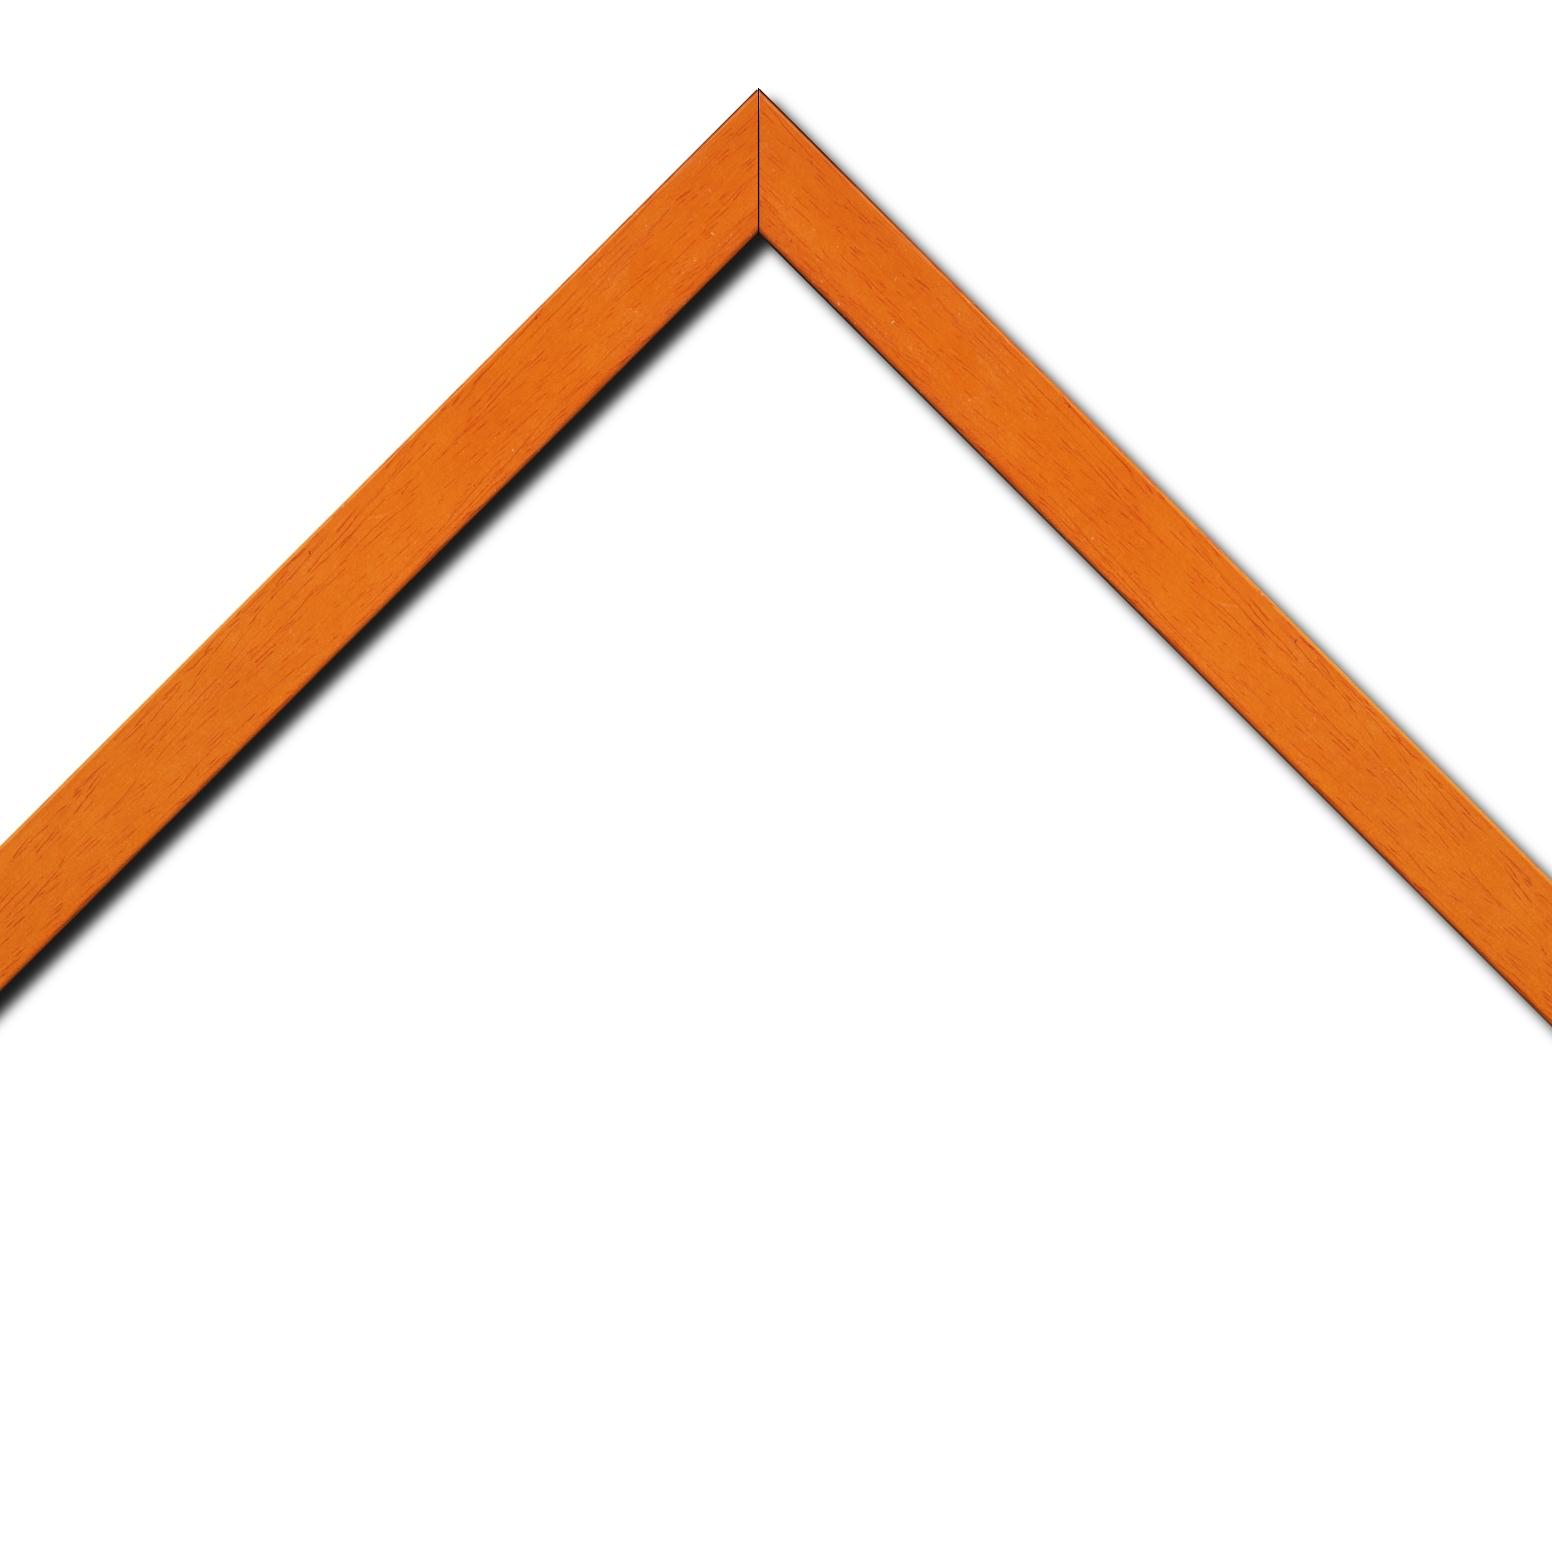 Baguette bois profil plat largeur 2.5cm couleur orange satiné